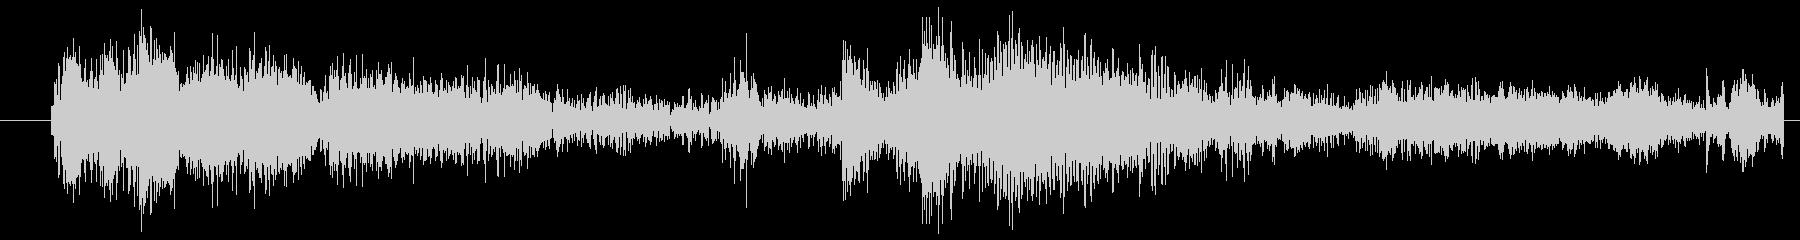 イメージ クレイジートーク03の未再生の波形